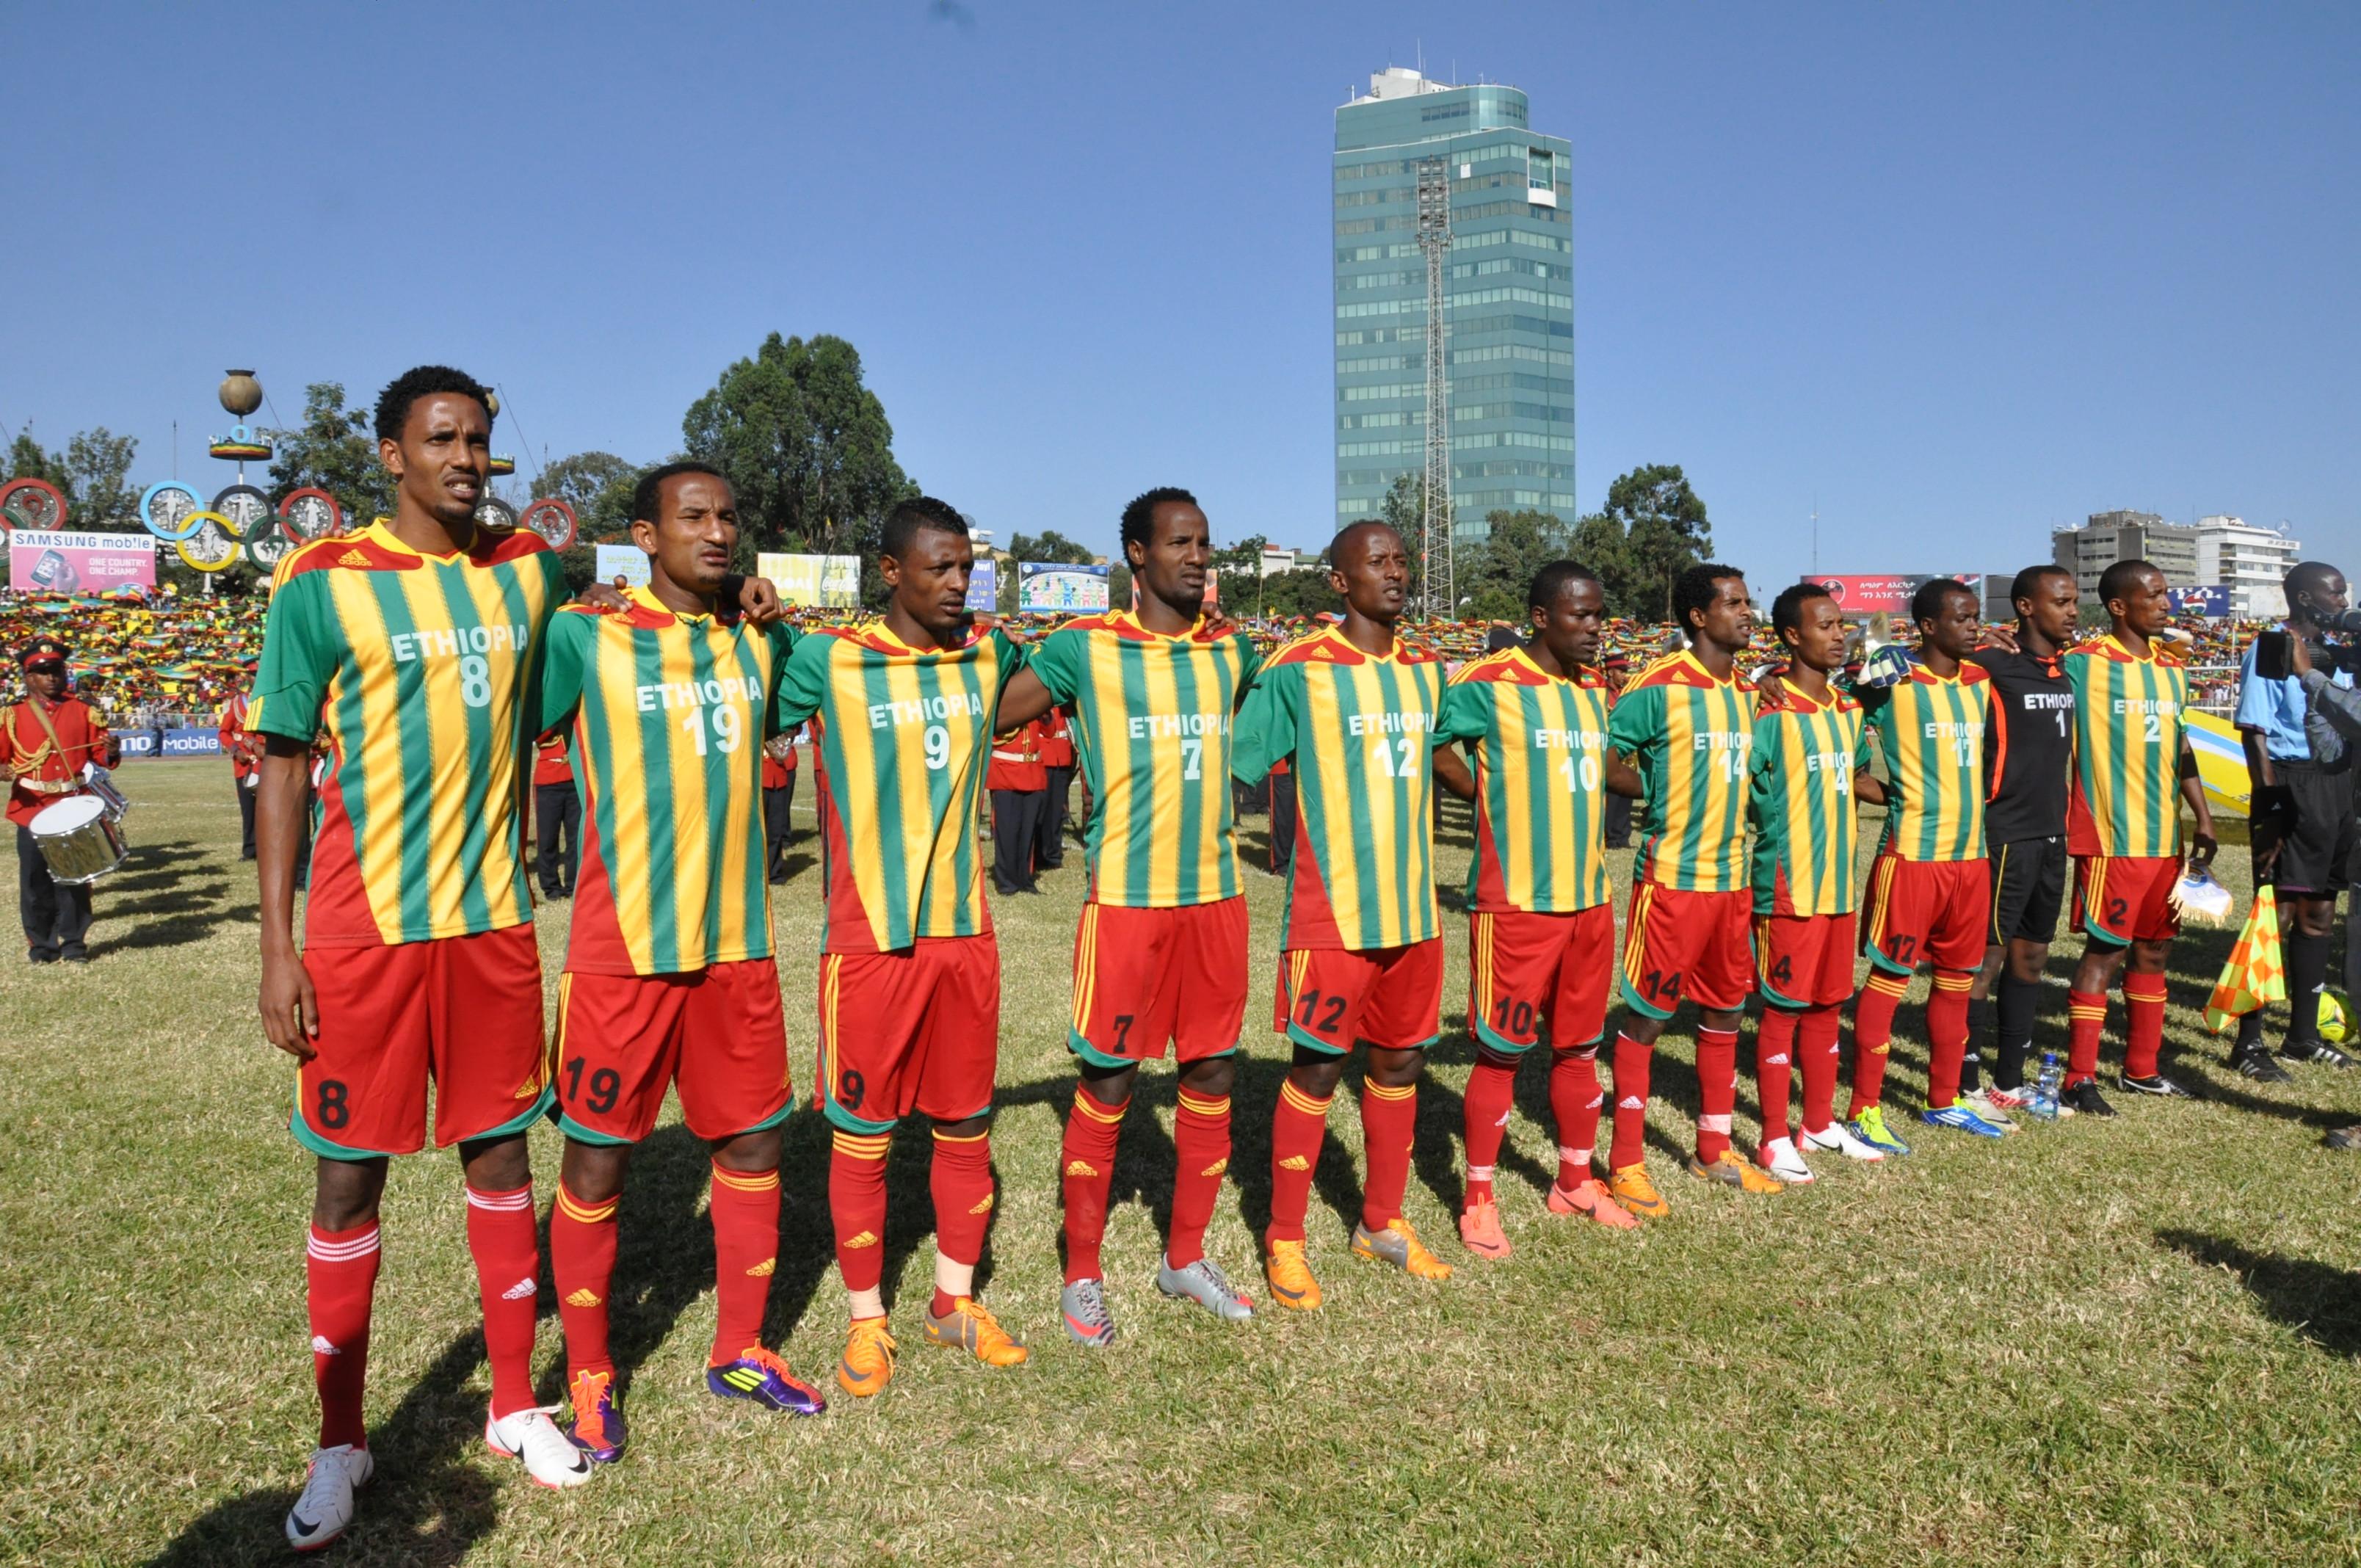 ethiopia-national-Team1